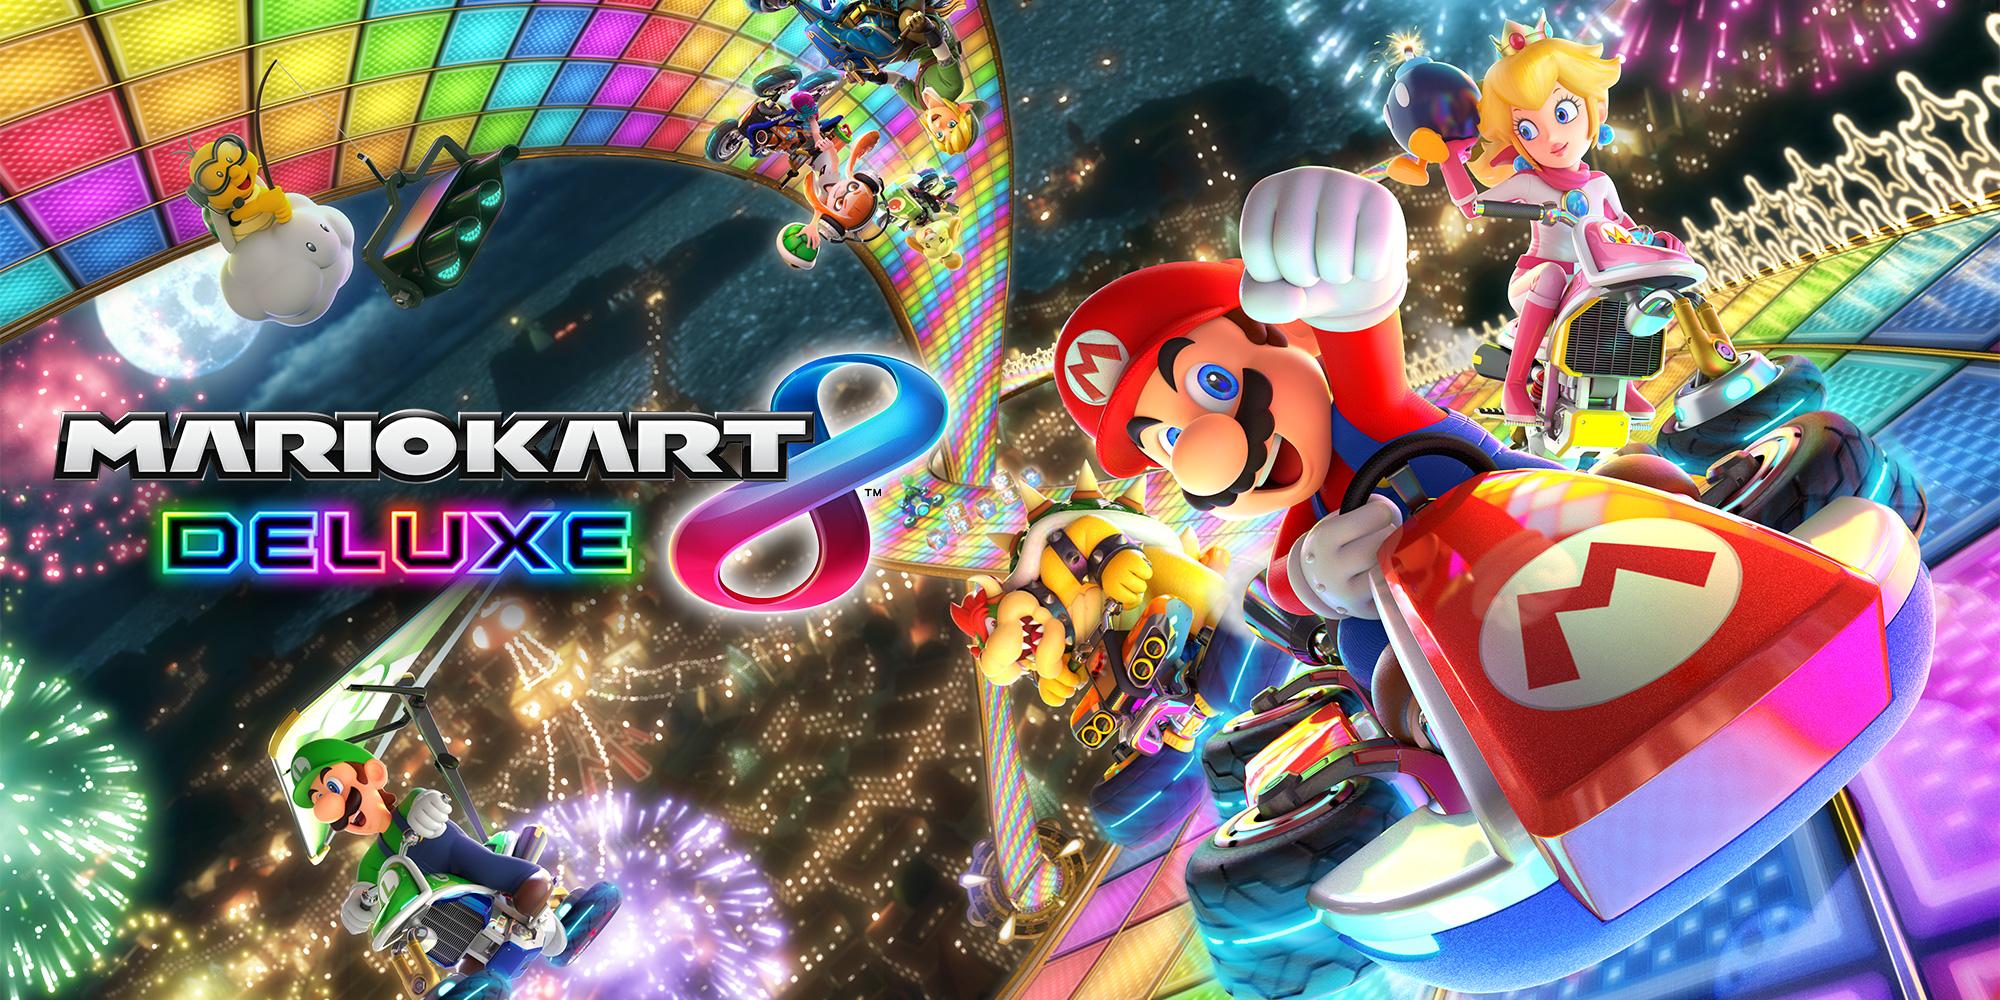 Ventas de juegos en Japón del 8 al 14 de mayo